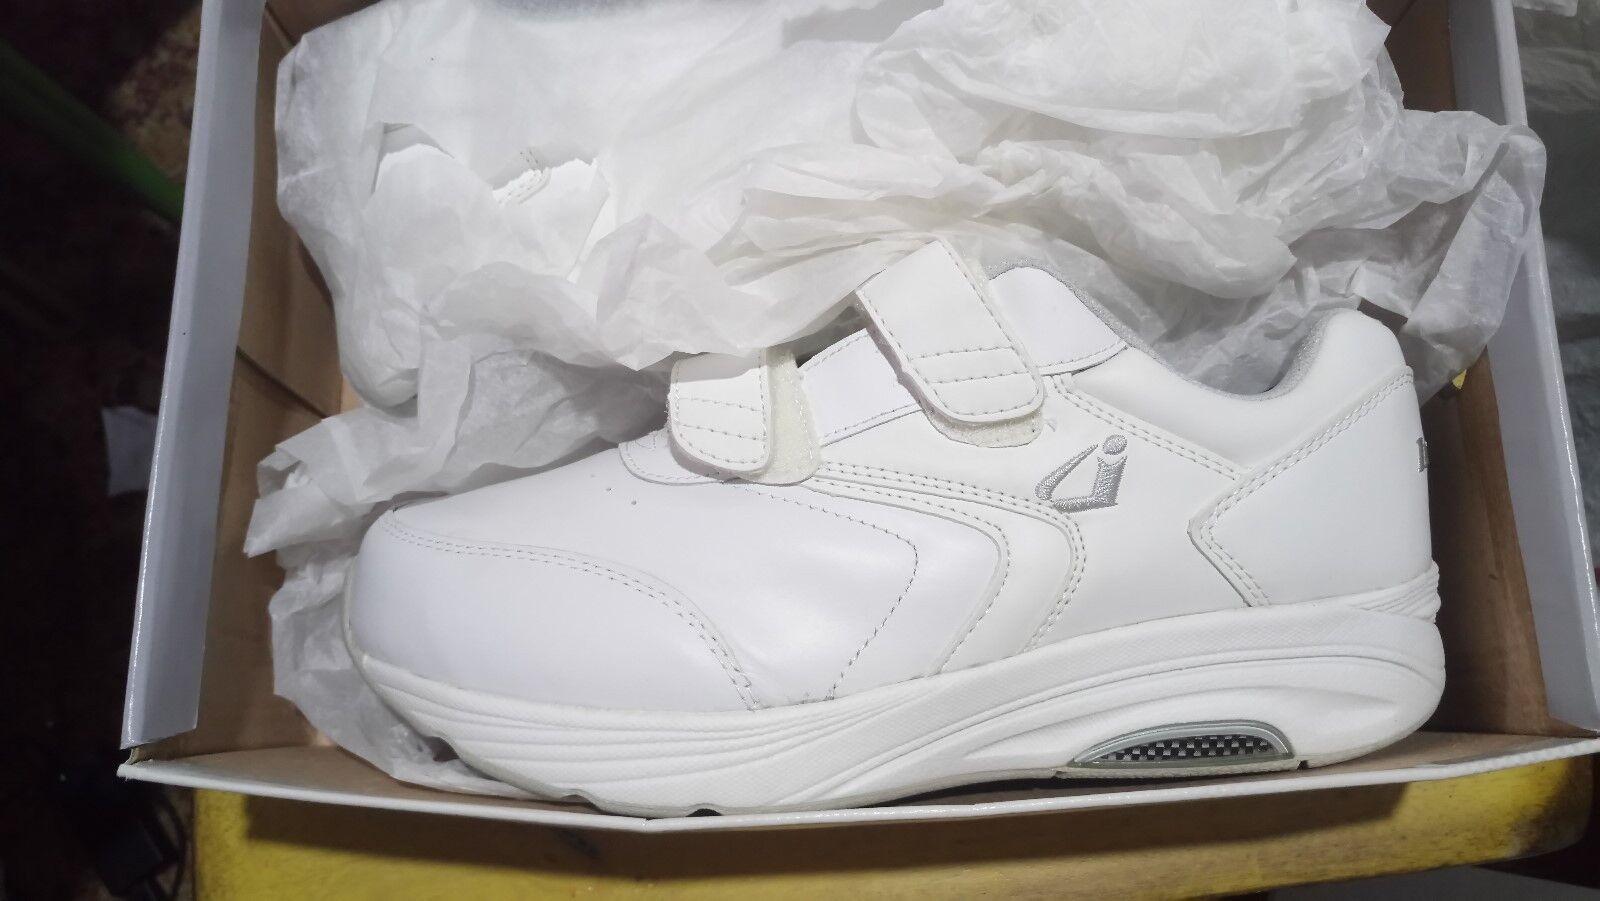 Instride nouveauport Strap cuir blanc femmes chaussures Orthopedic Diabetic nouveau